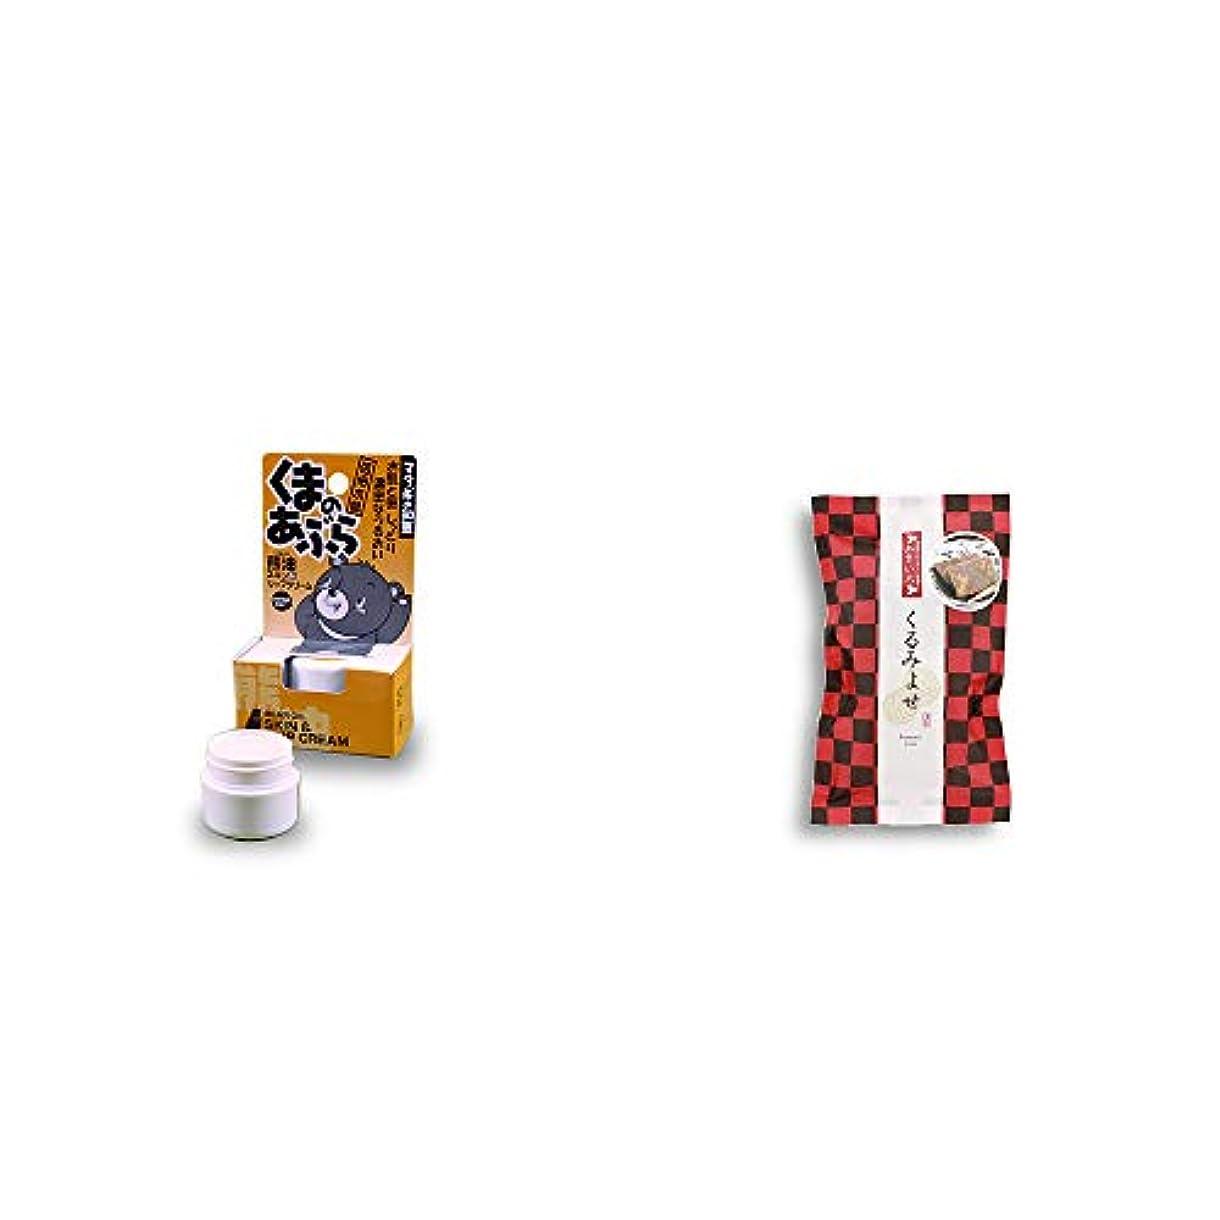 検索エンジンマーケティングスカーフエゴイズム[2点セット] 信州木曽 くまのあぶら 熊油スキン&リップクリーム(9g)?くるみよせ(こし餡)(5個入)